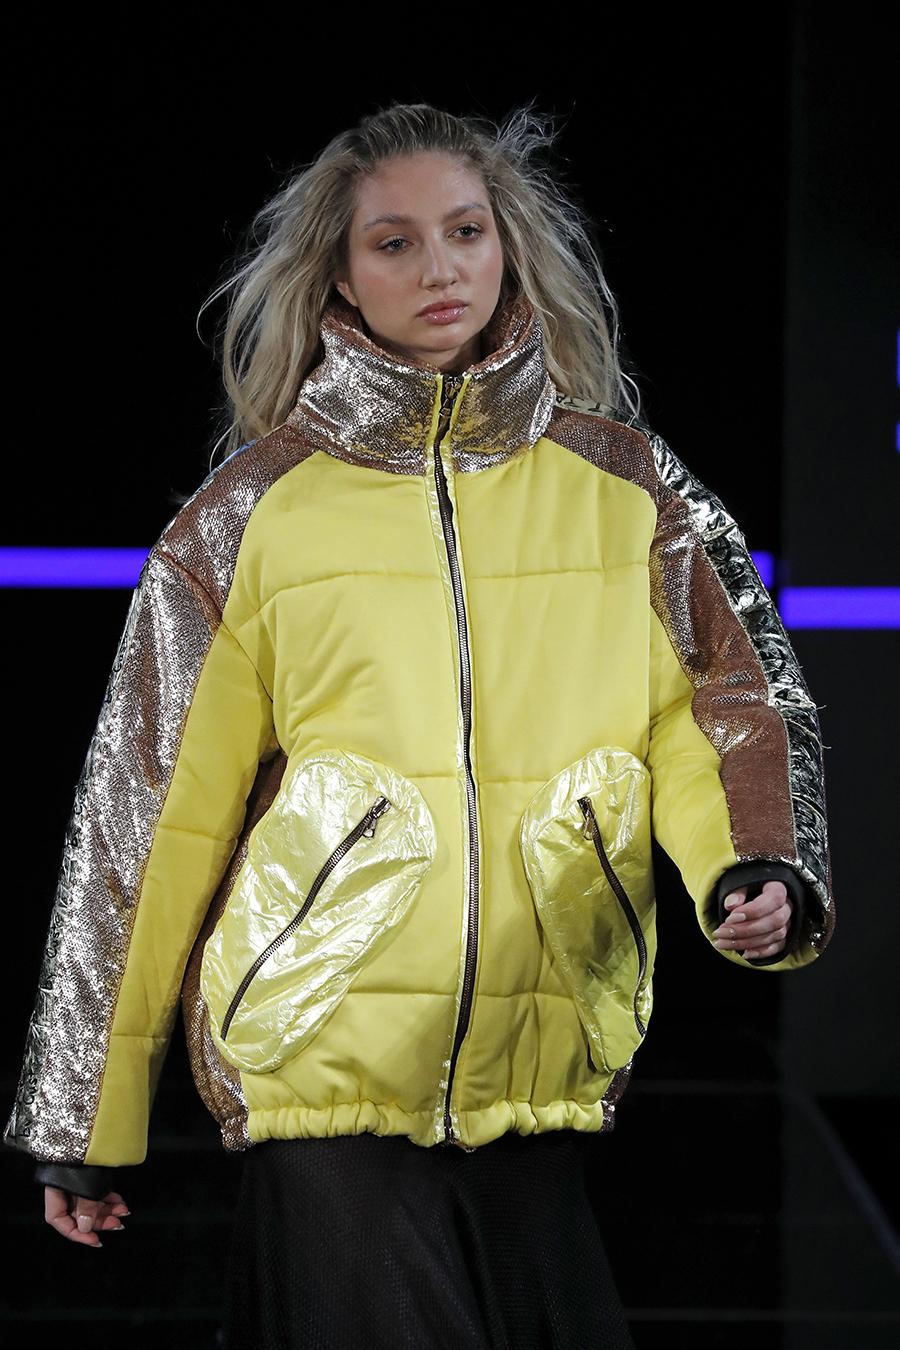 модный пуховик спортивный зима 2020 2021 желтый салатовый серебряный